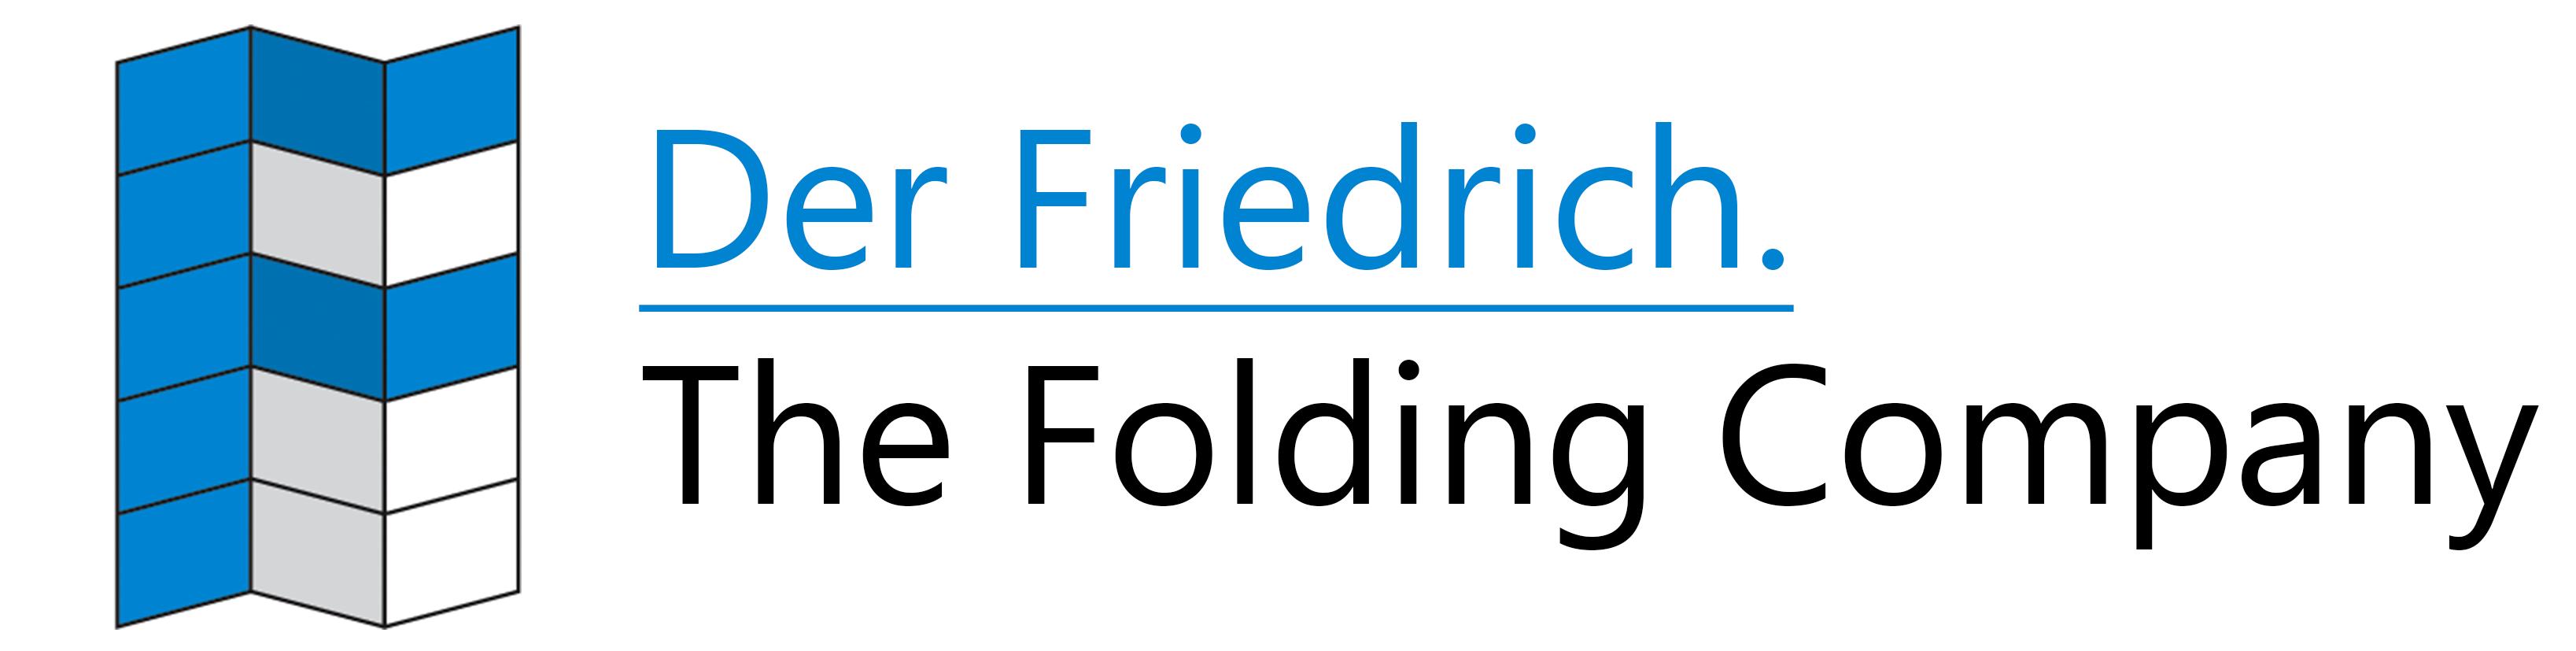 Der Friedrich.